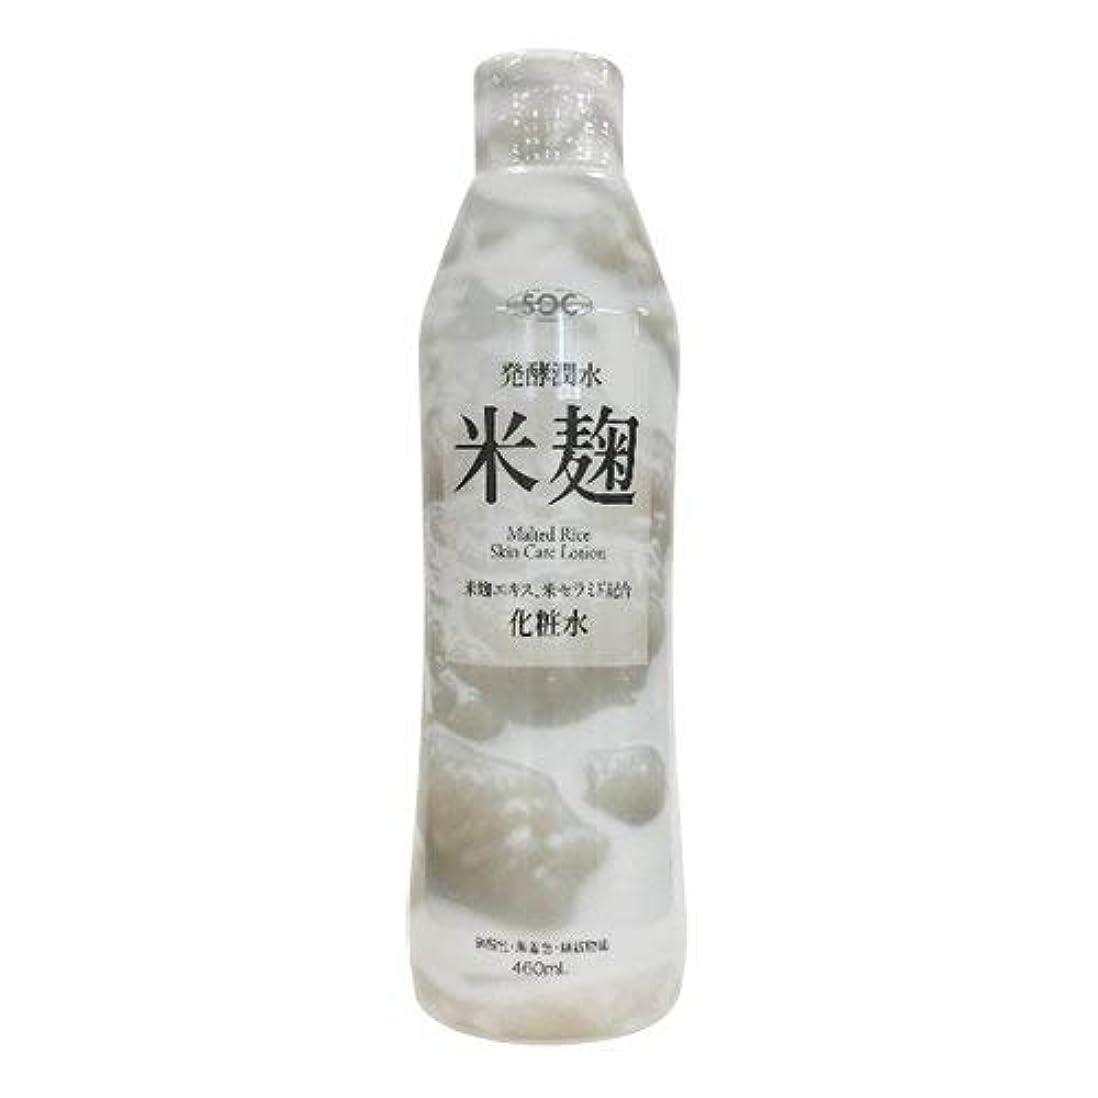 ニックネーム綺麗なラケットSOC米麹配合化粧水 × 5個セット